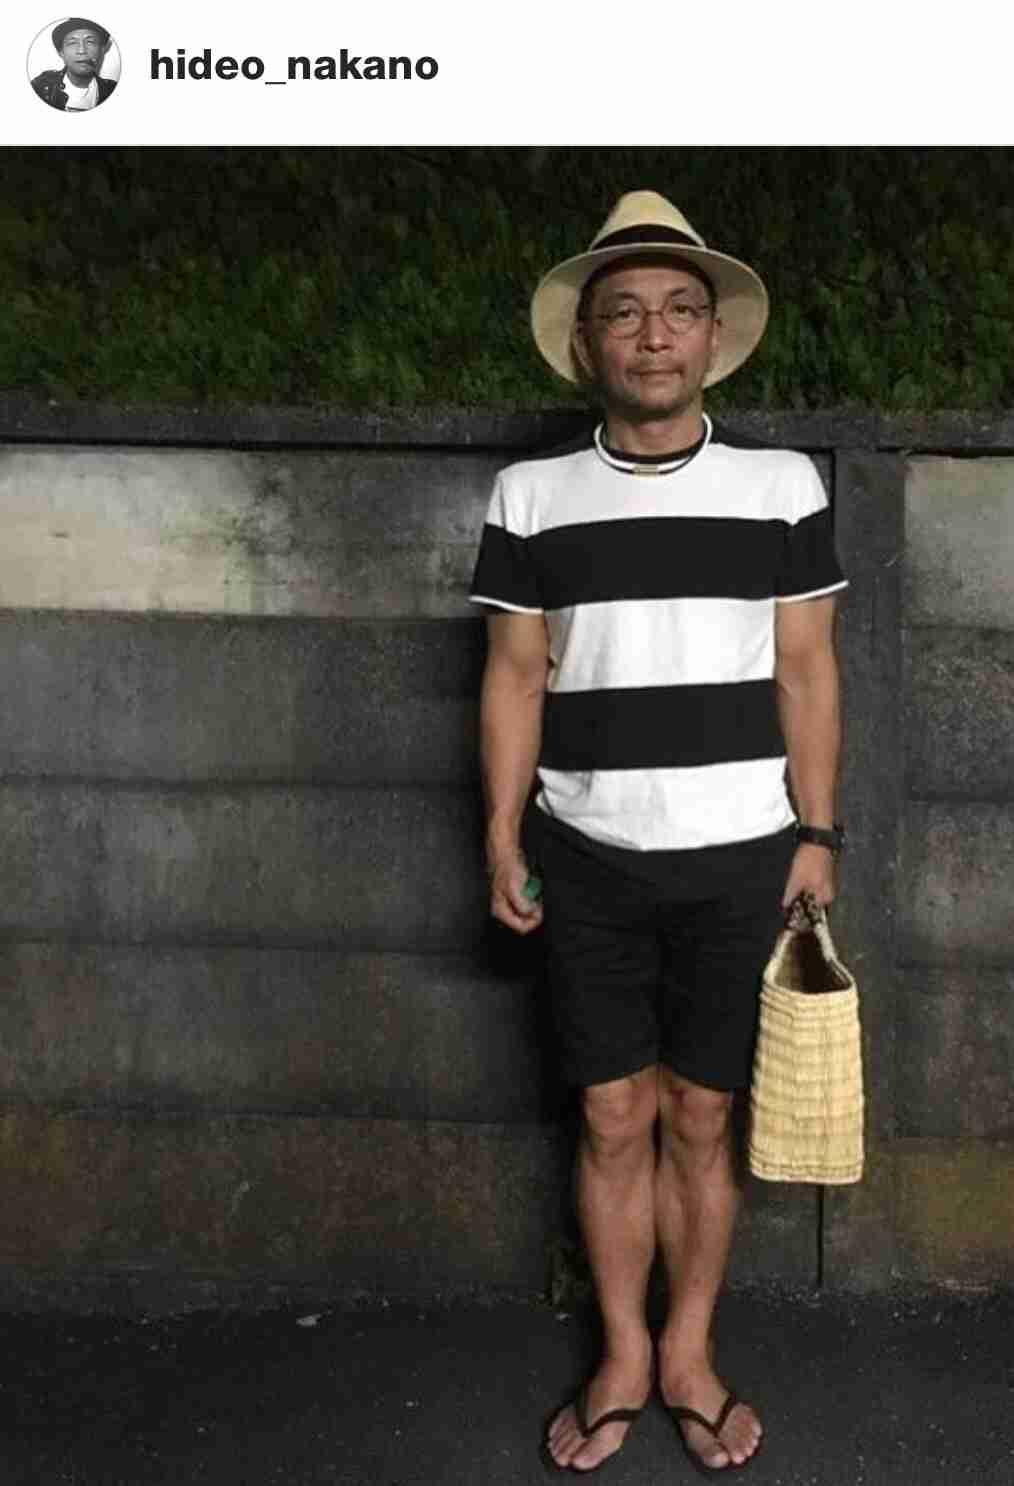 薬物疑惑浮上のTUBE前田亘輝に直撃取材「記事が出るたびにお袋に電話」「高知さんとは面識ない」